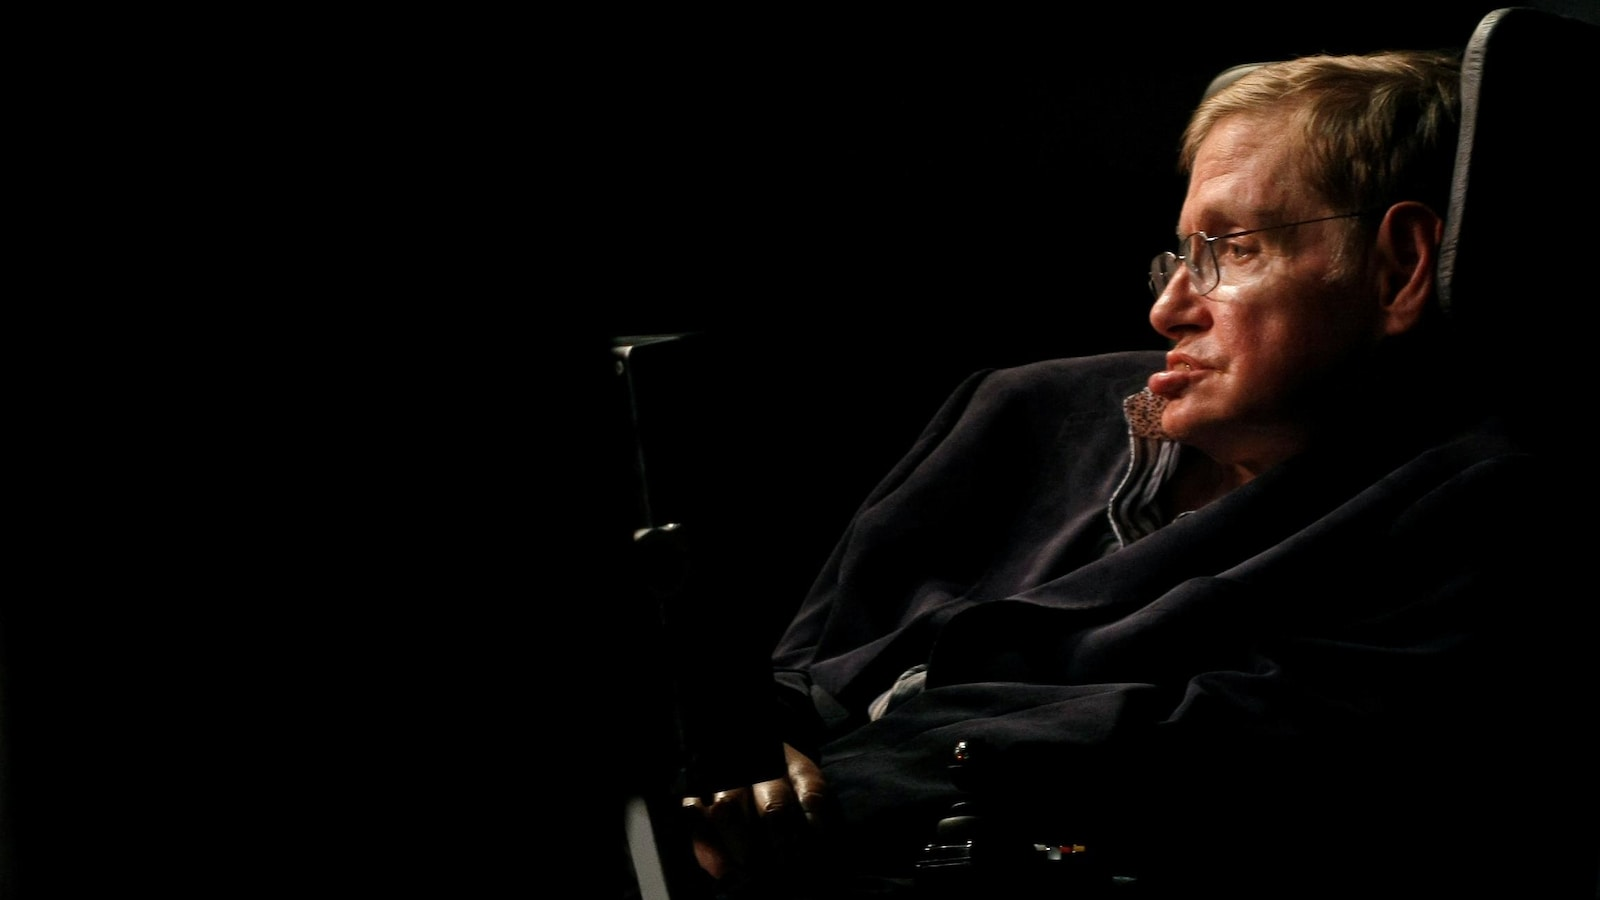 L'astrophysicien Stephen Hawking s'adresse à une foule lors d'une conférence à Cape Town, en Afrique du Sud, le 11 mai 2008.